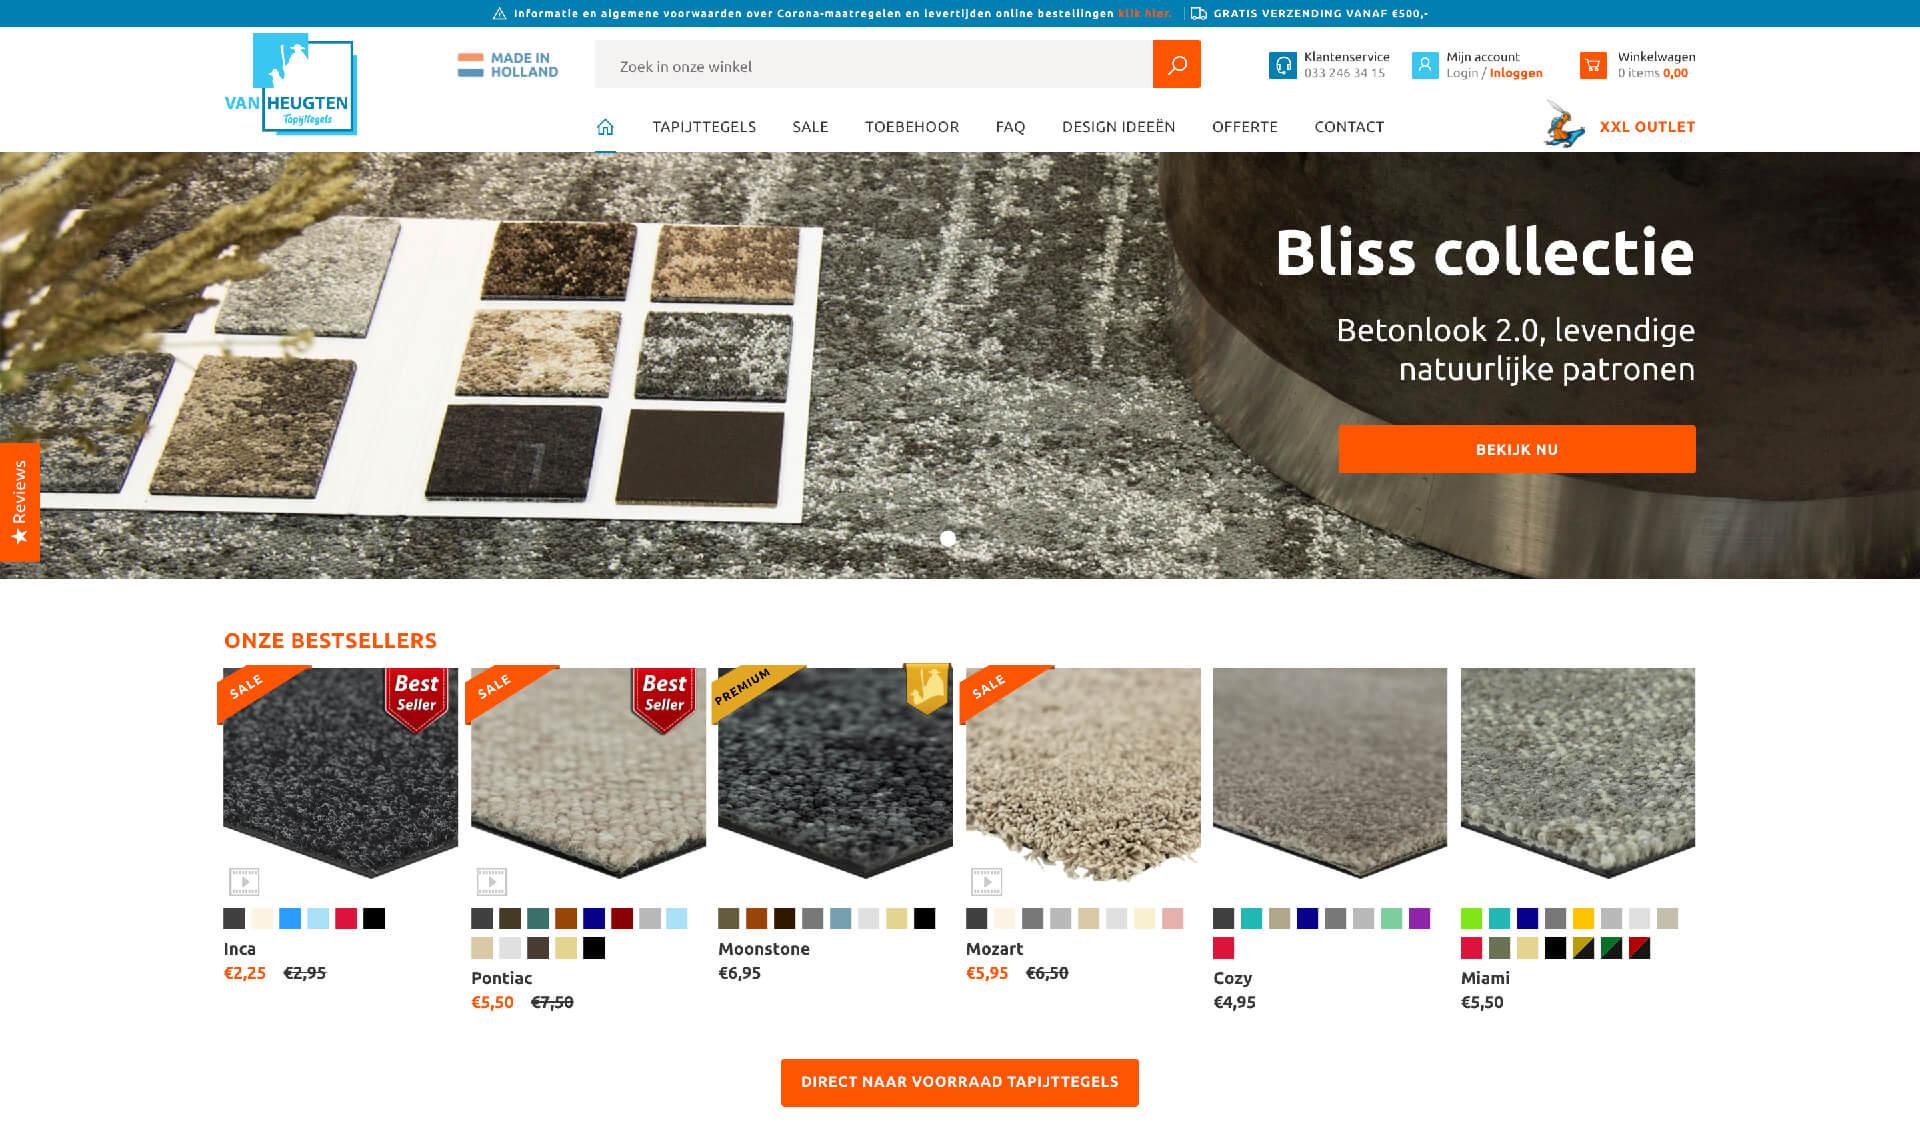 Van Heugten tapijttegels | Code